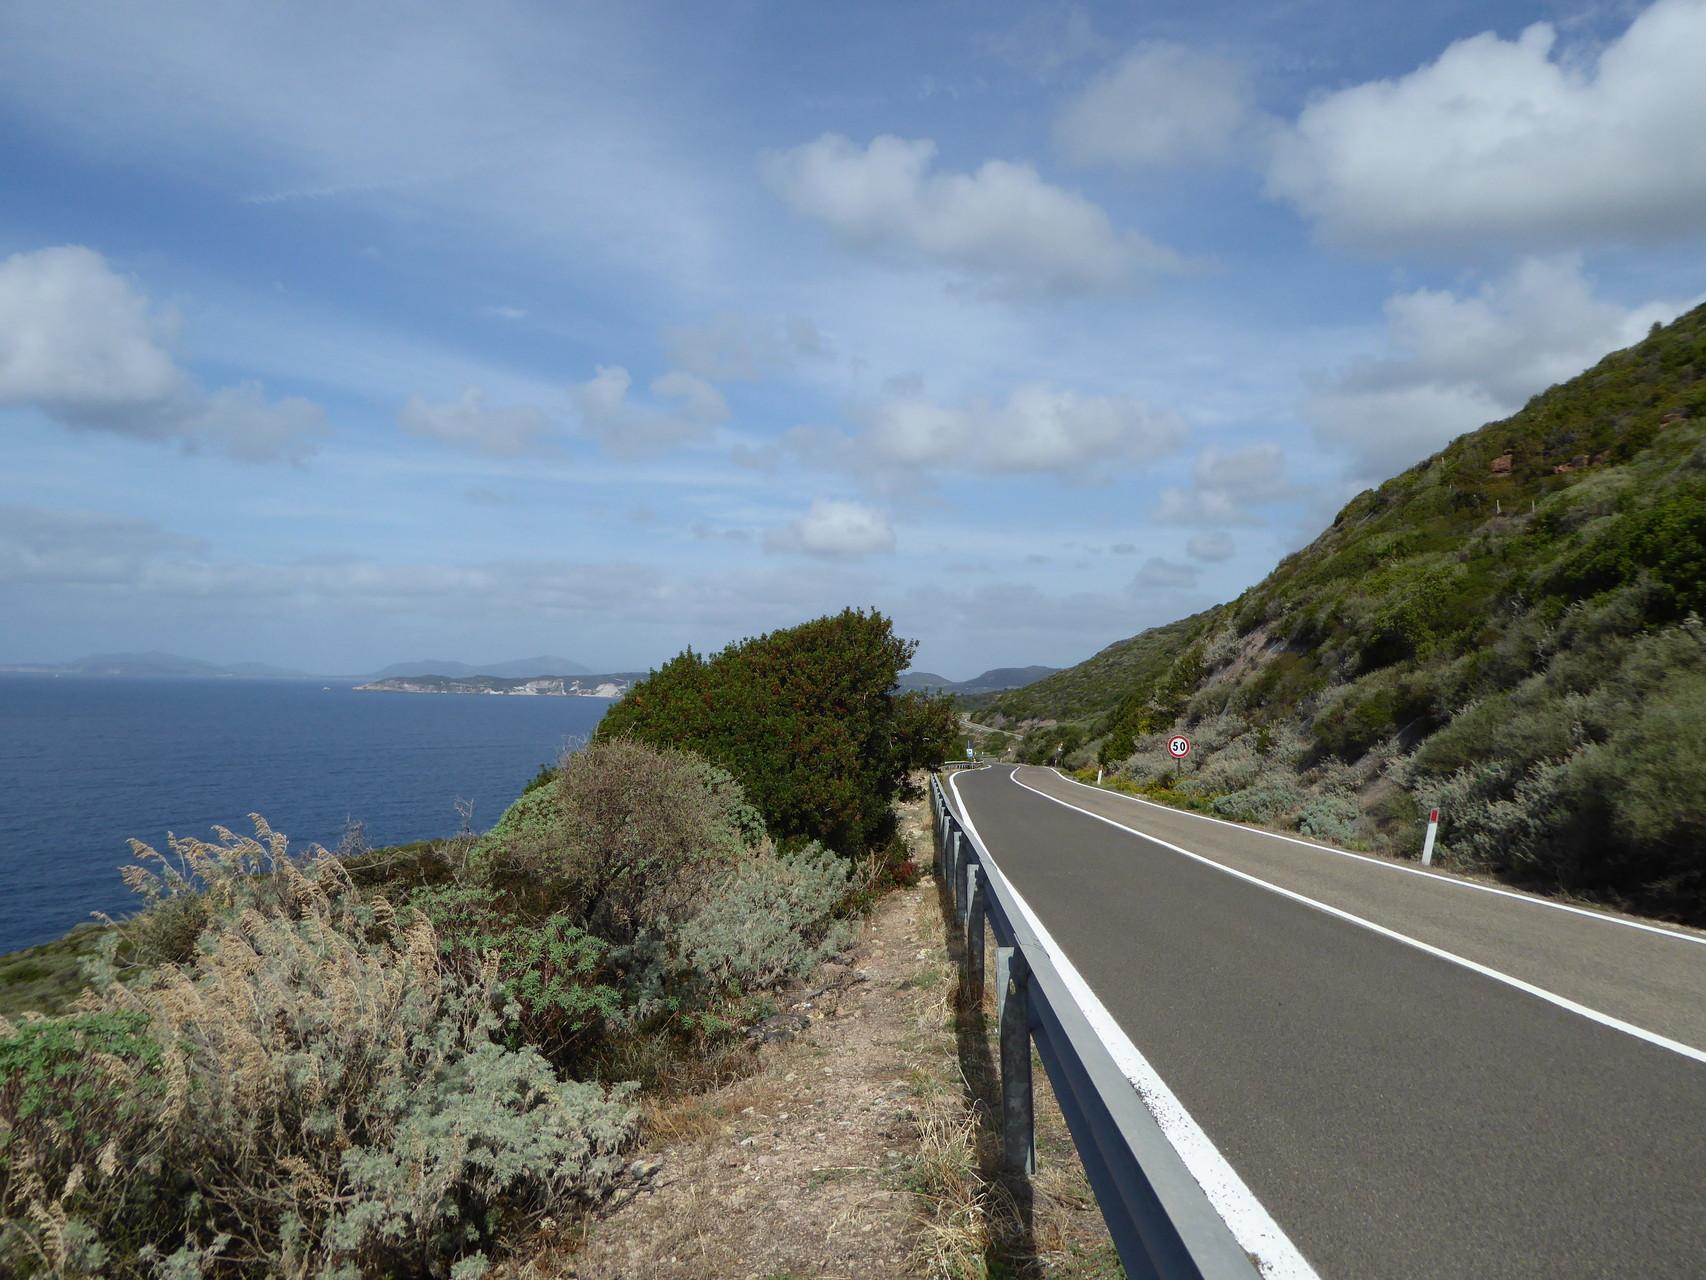 Immer am Meer entlang auf der grandiosen Küstenstraße von Bosa nach Alghero. Und schon wieder ein Nachsaison-Vorteil: selbst die Küstenstraßen sind schön leer.